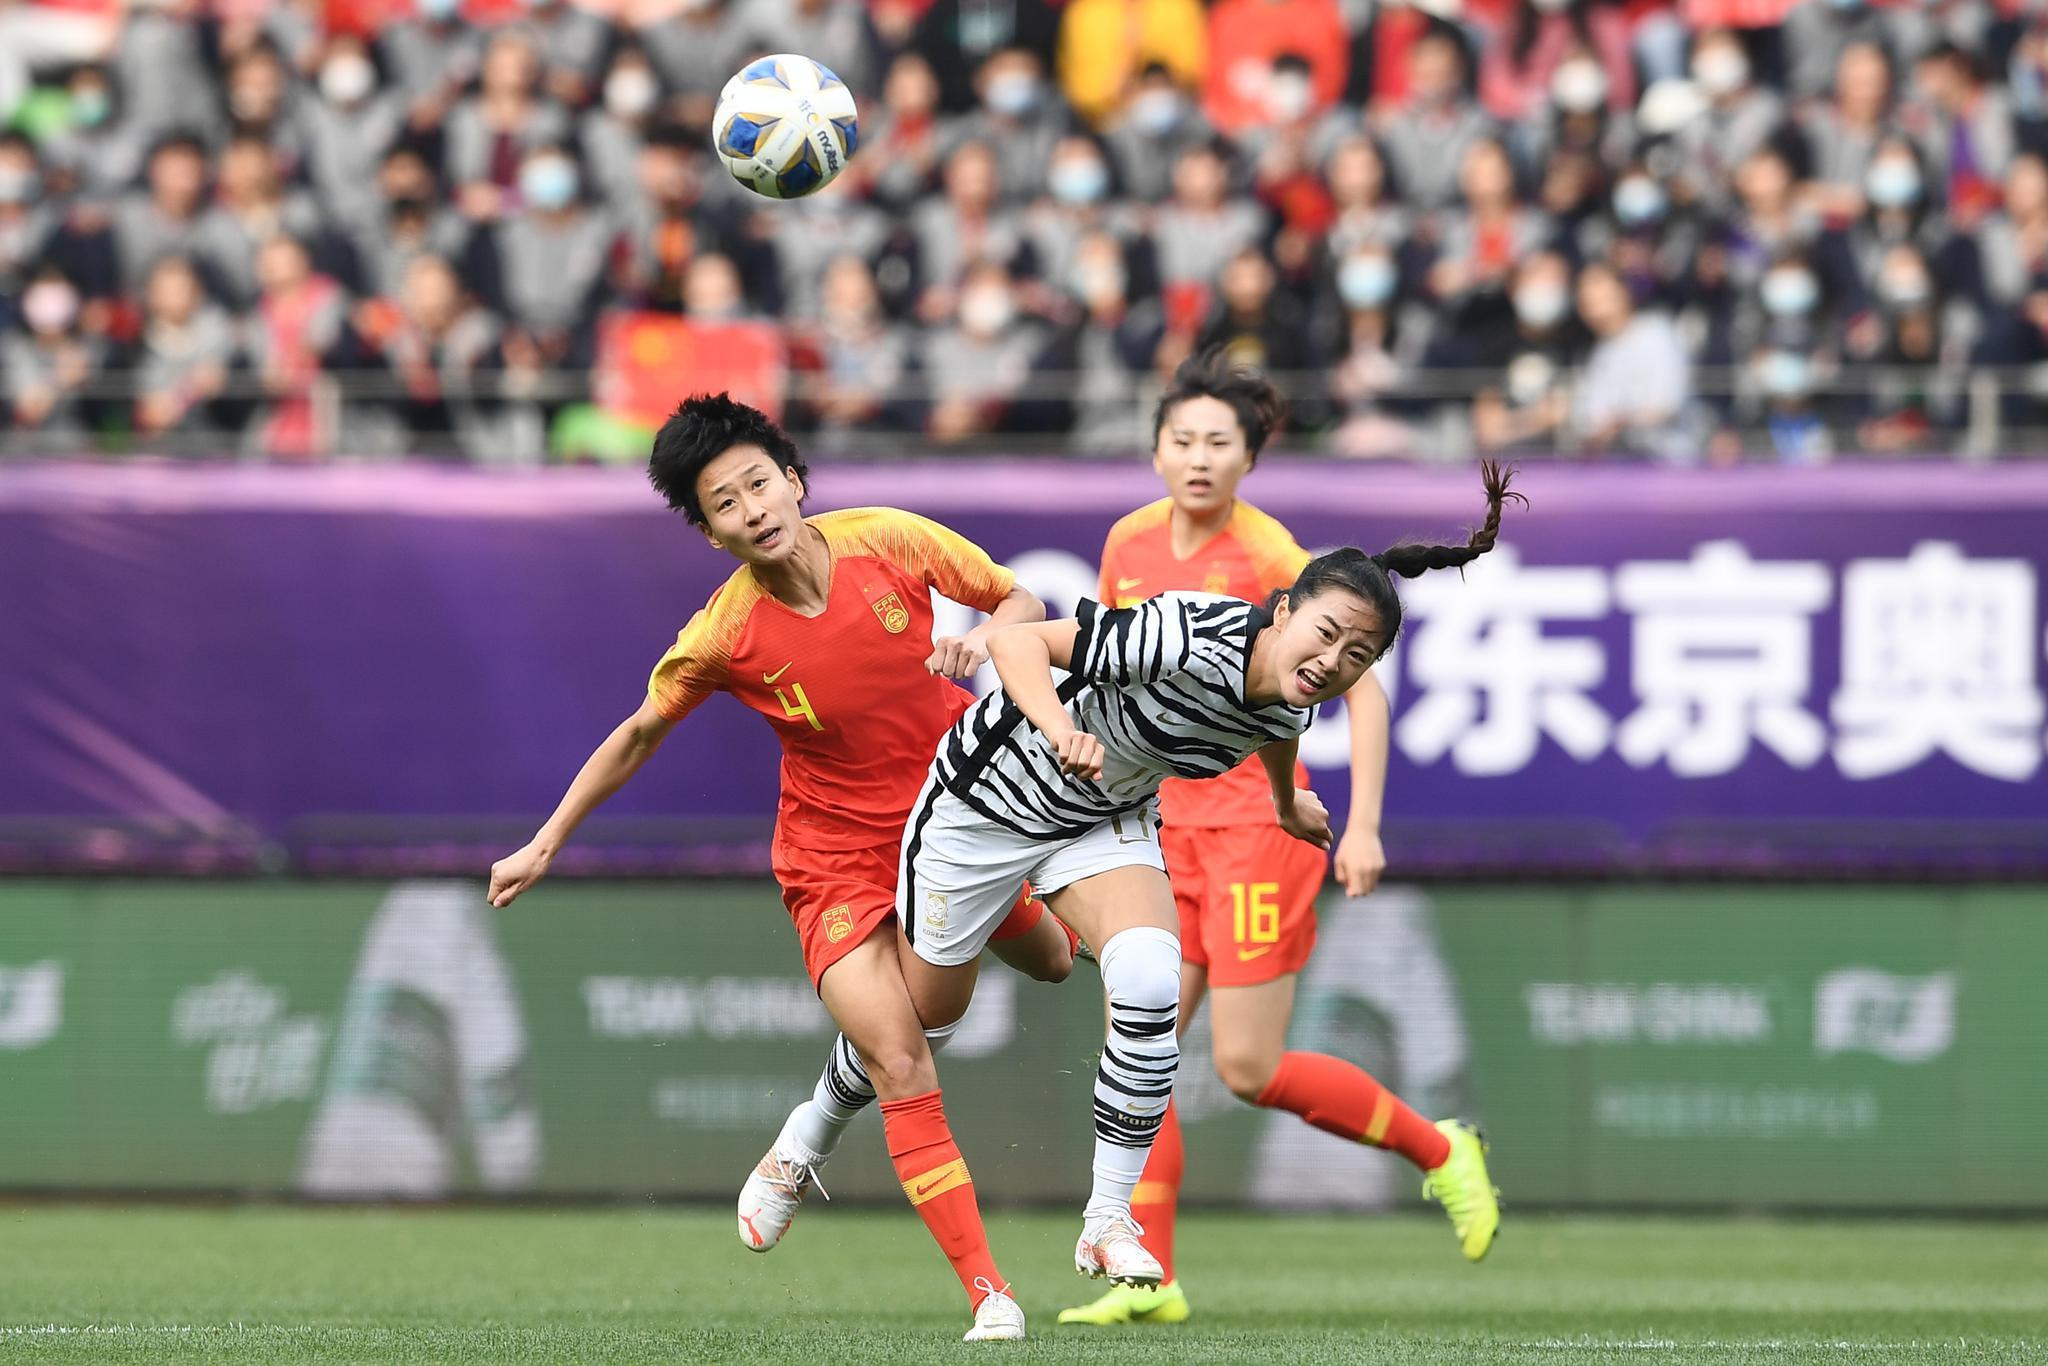 2020东京奥运会 女足亚洲区预选赛附加赛次回合……